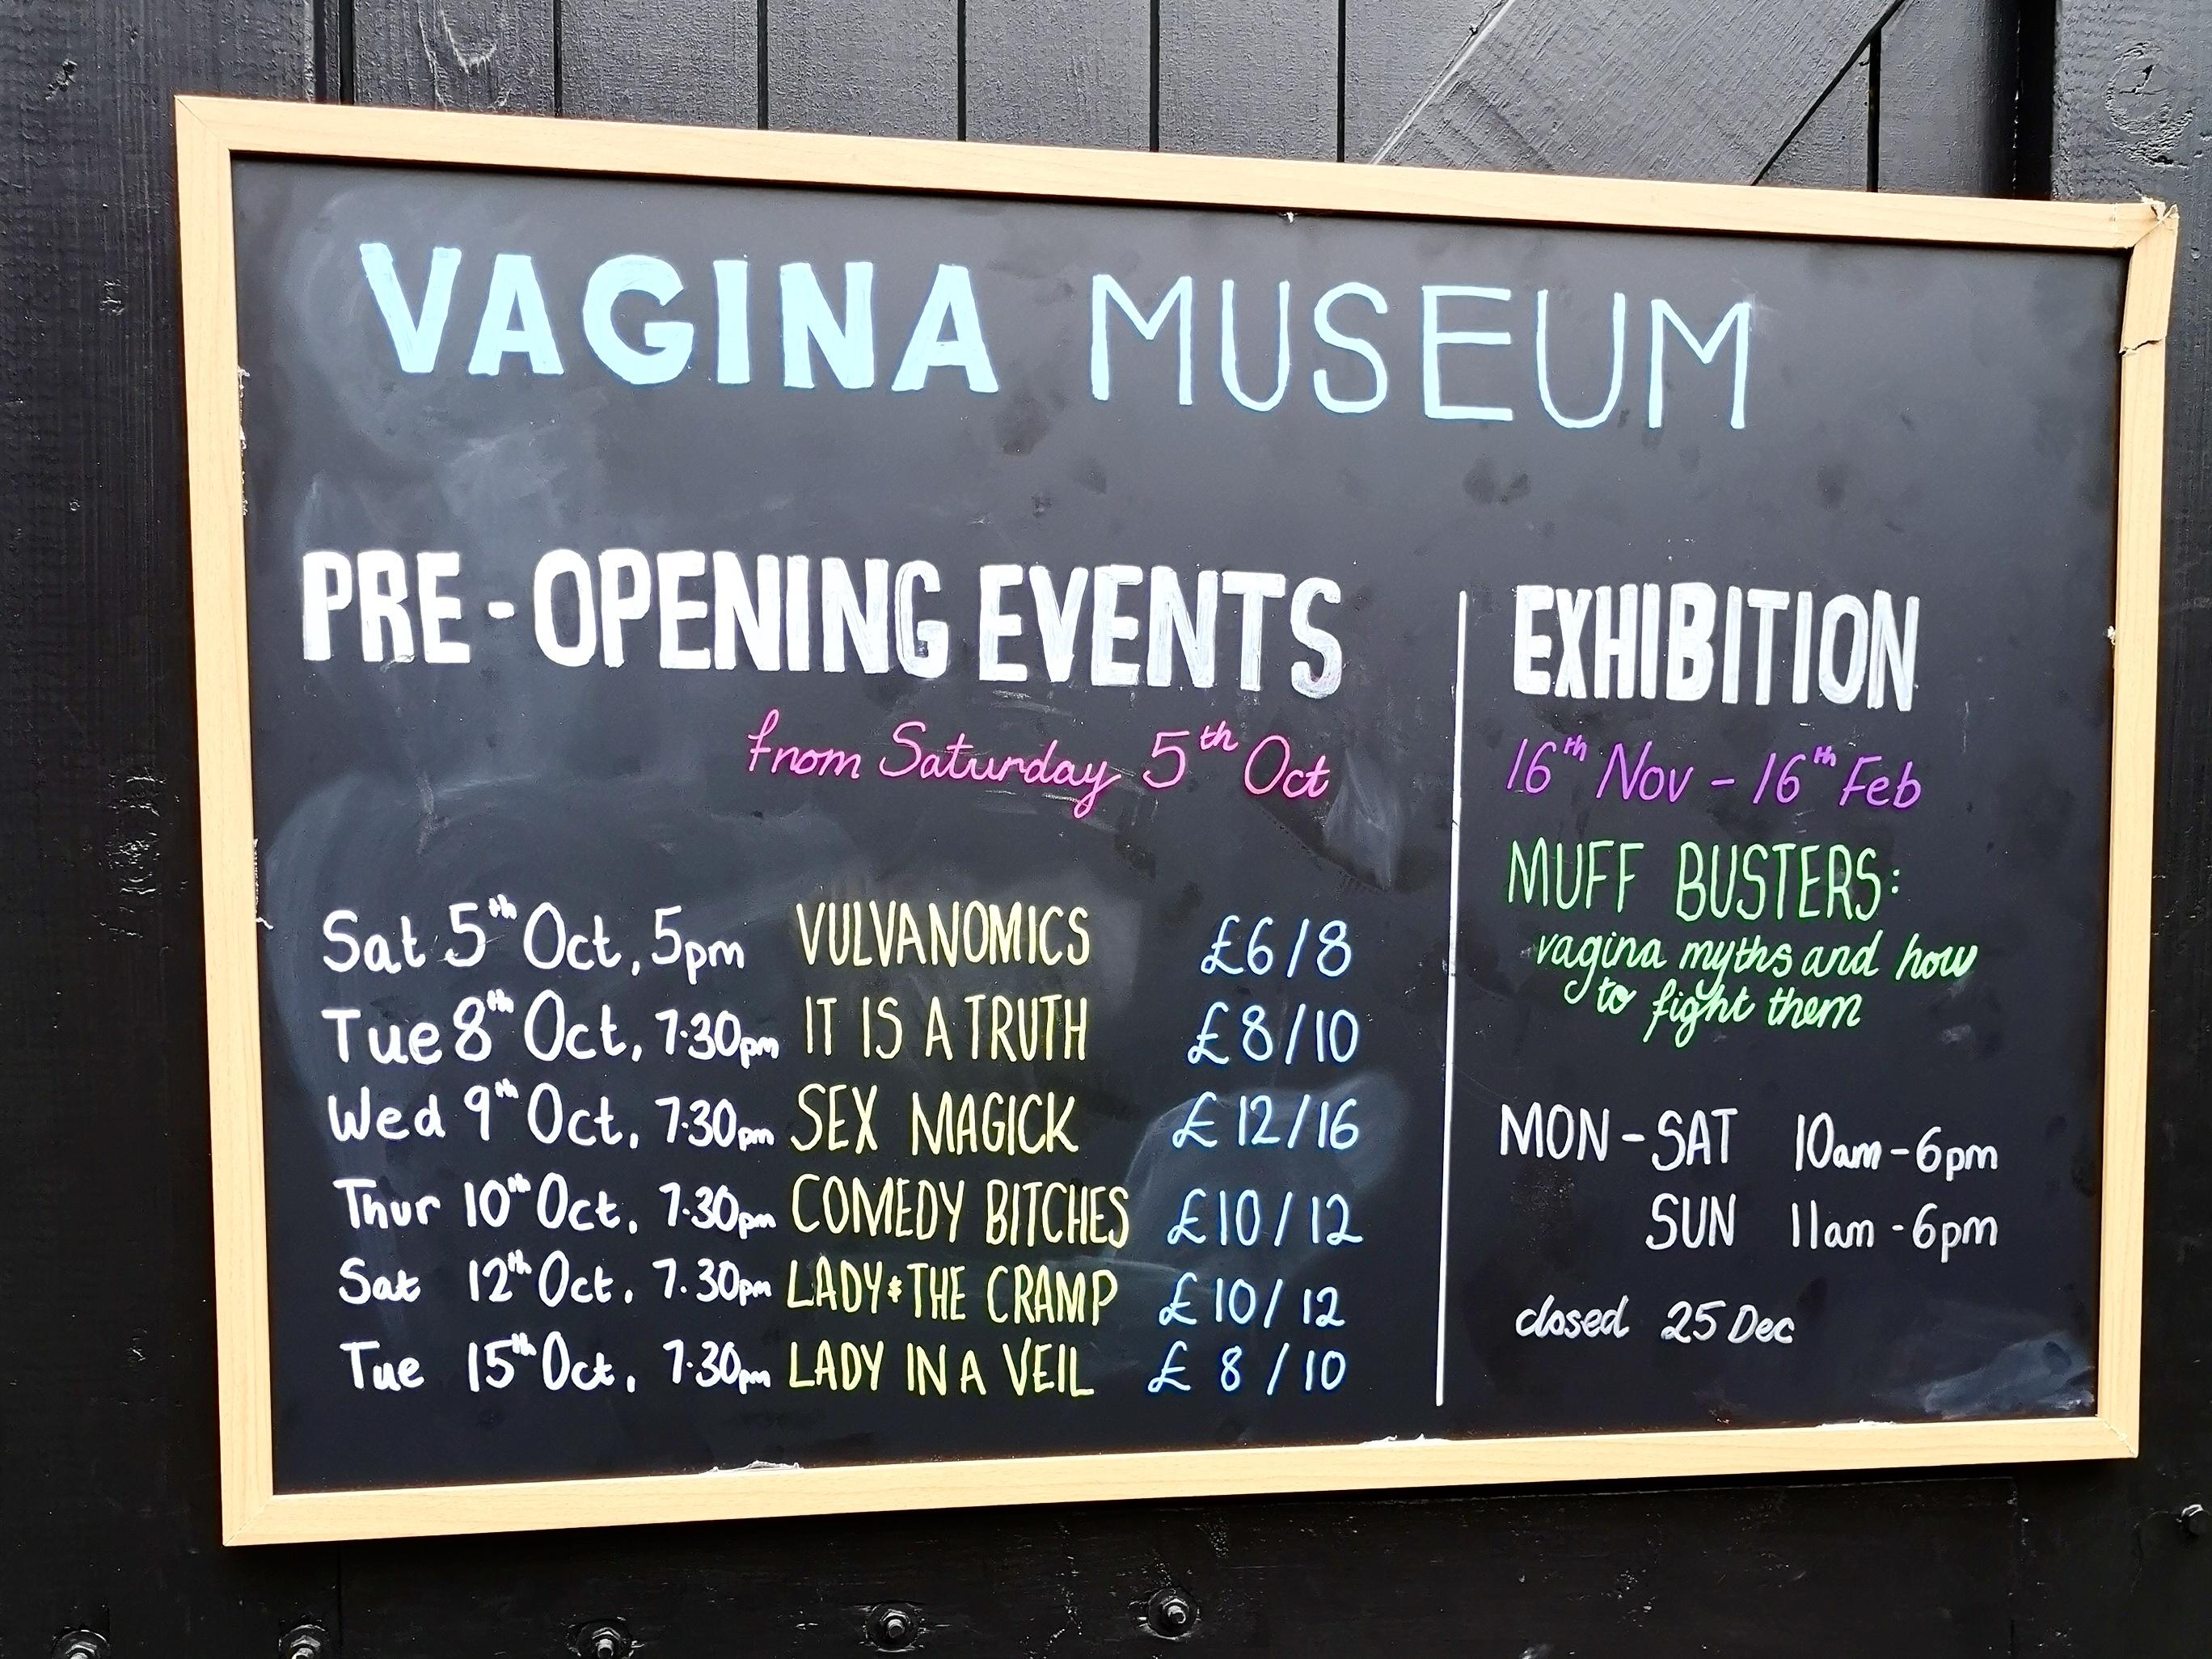 Eventi Vagina Museum Londra